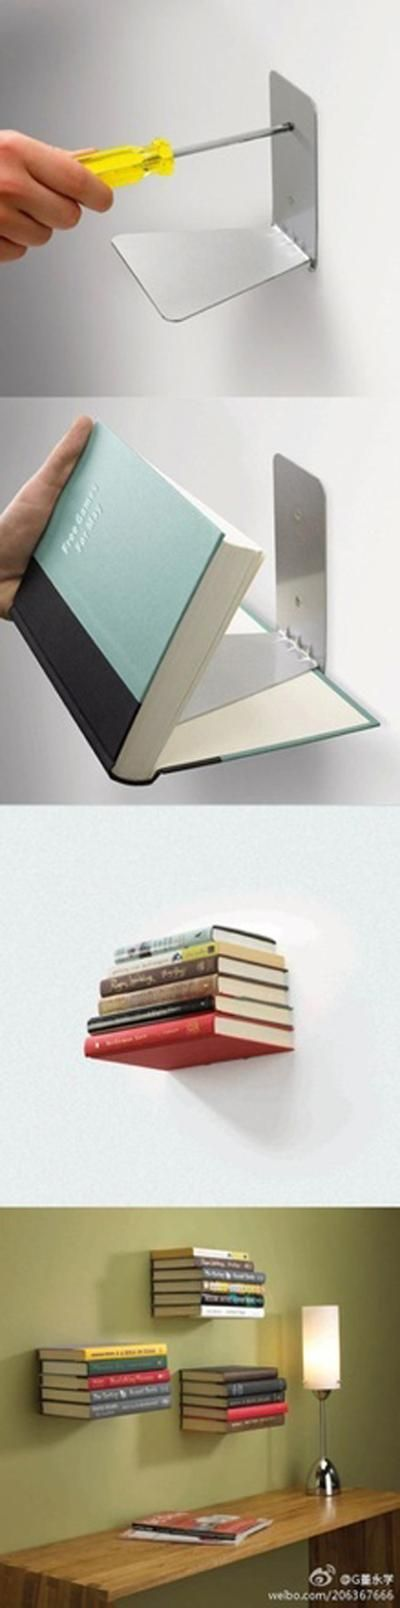 Bekijk de foto van wendyvwy met als titel Boeken als boekenplank en andere inspirerende plaatjes op Welke.nl.